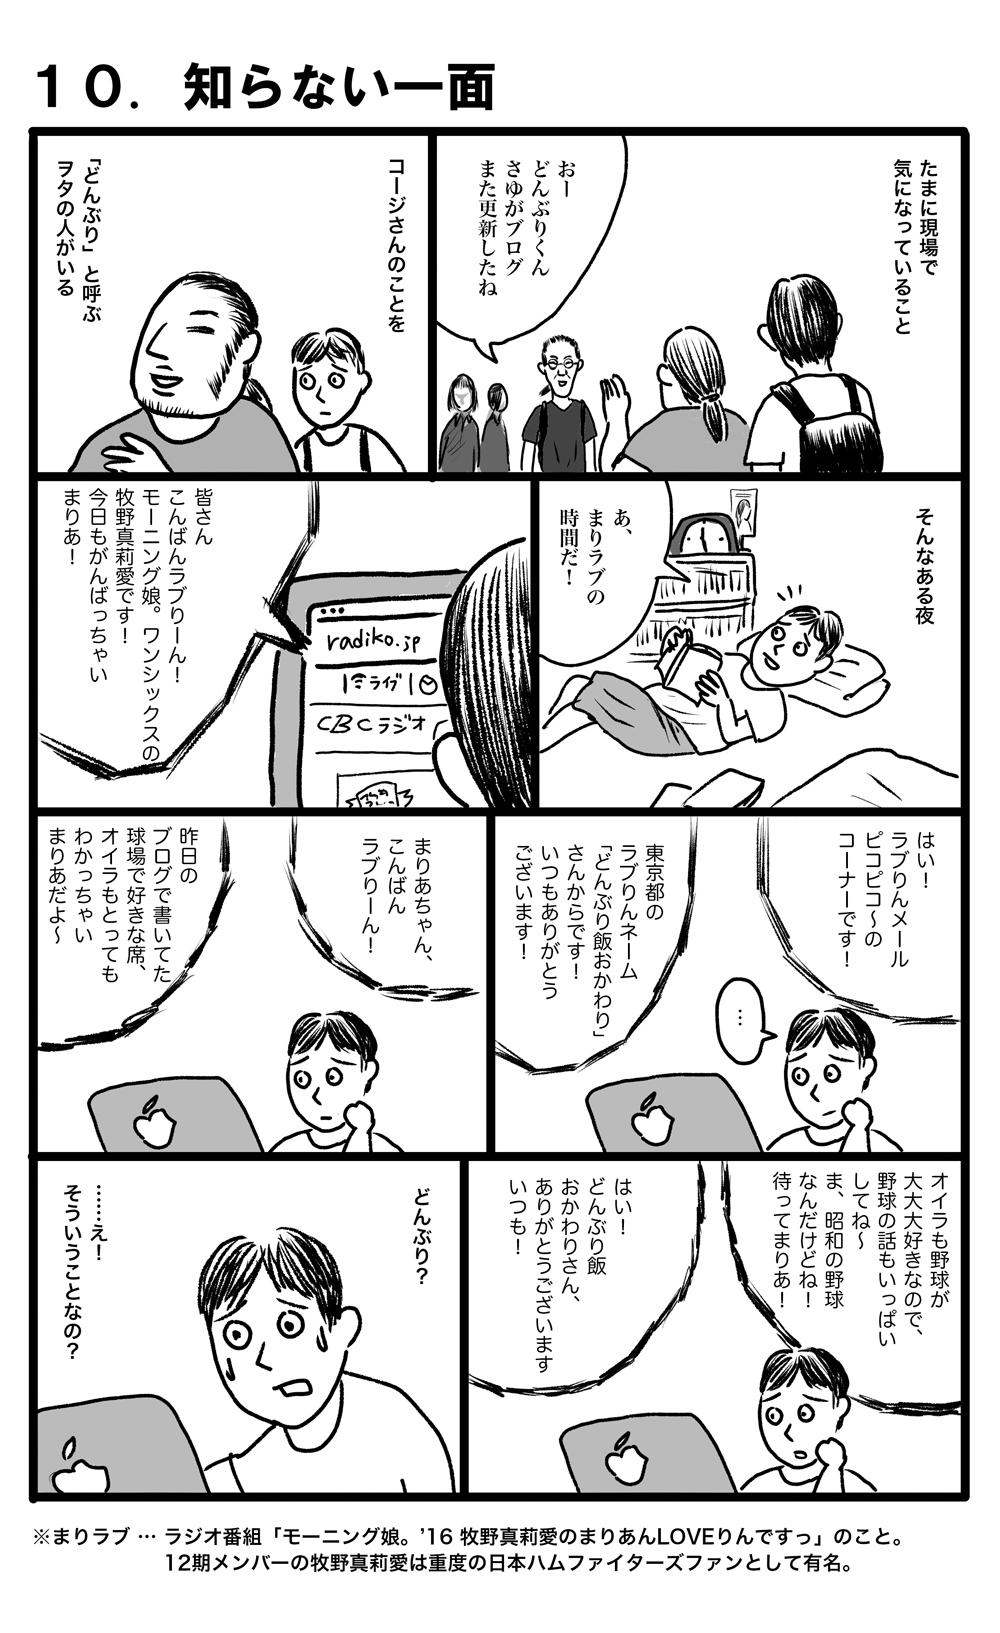 tsurugi-mikito-010